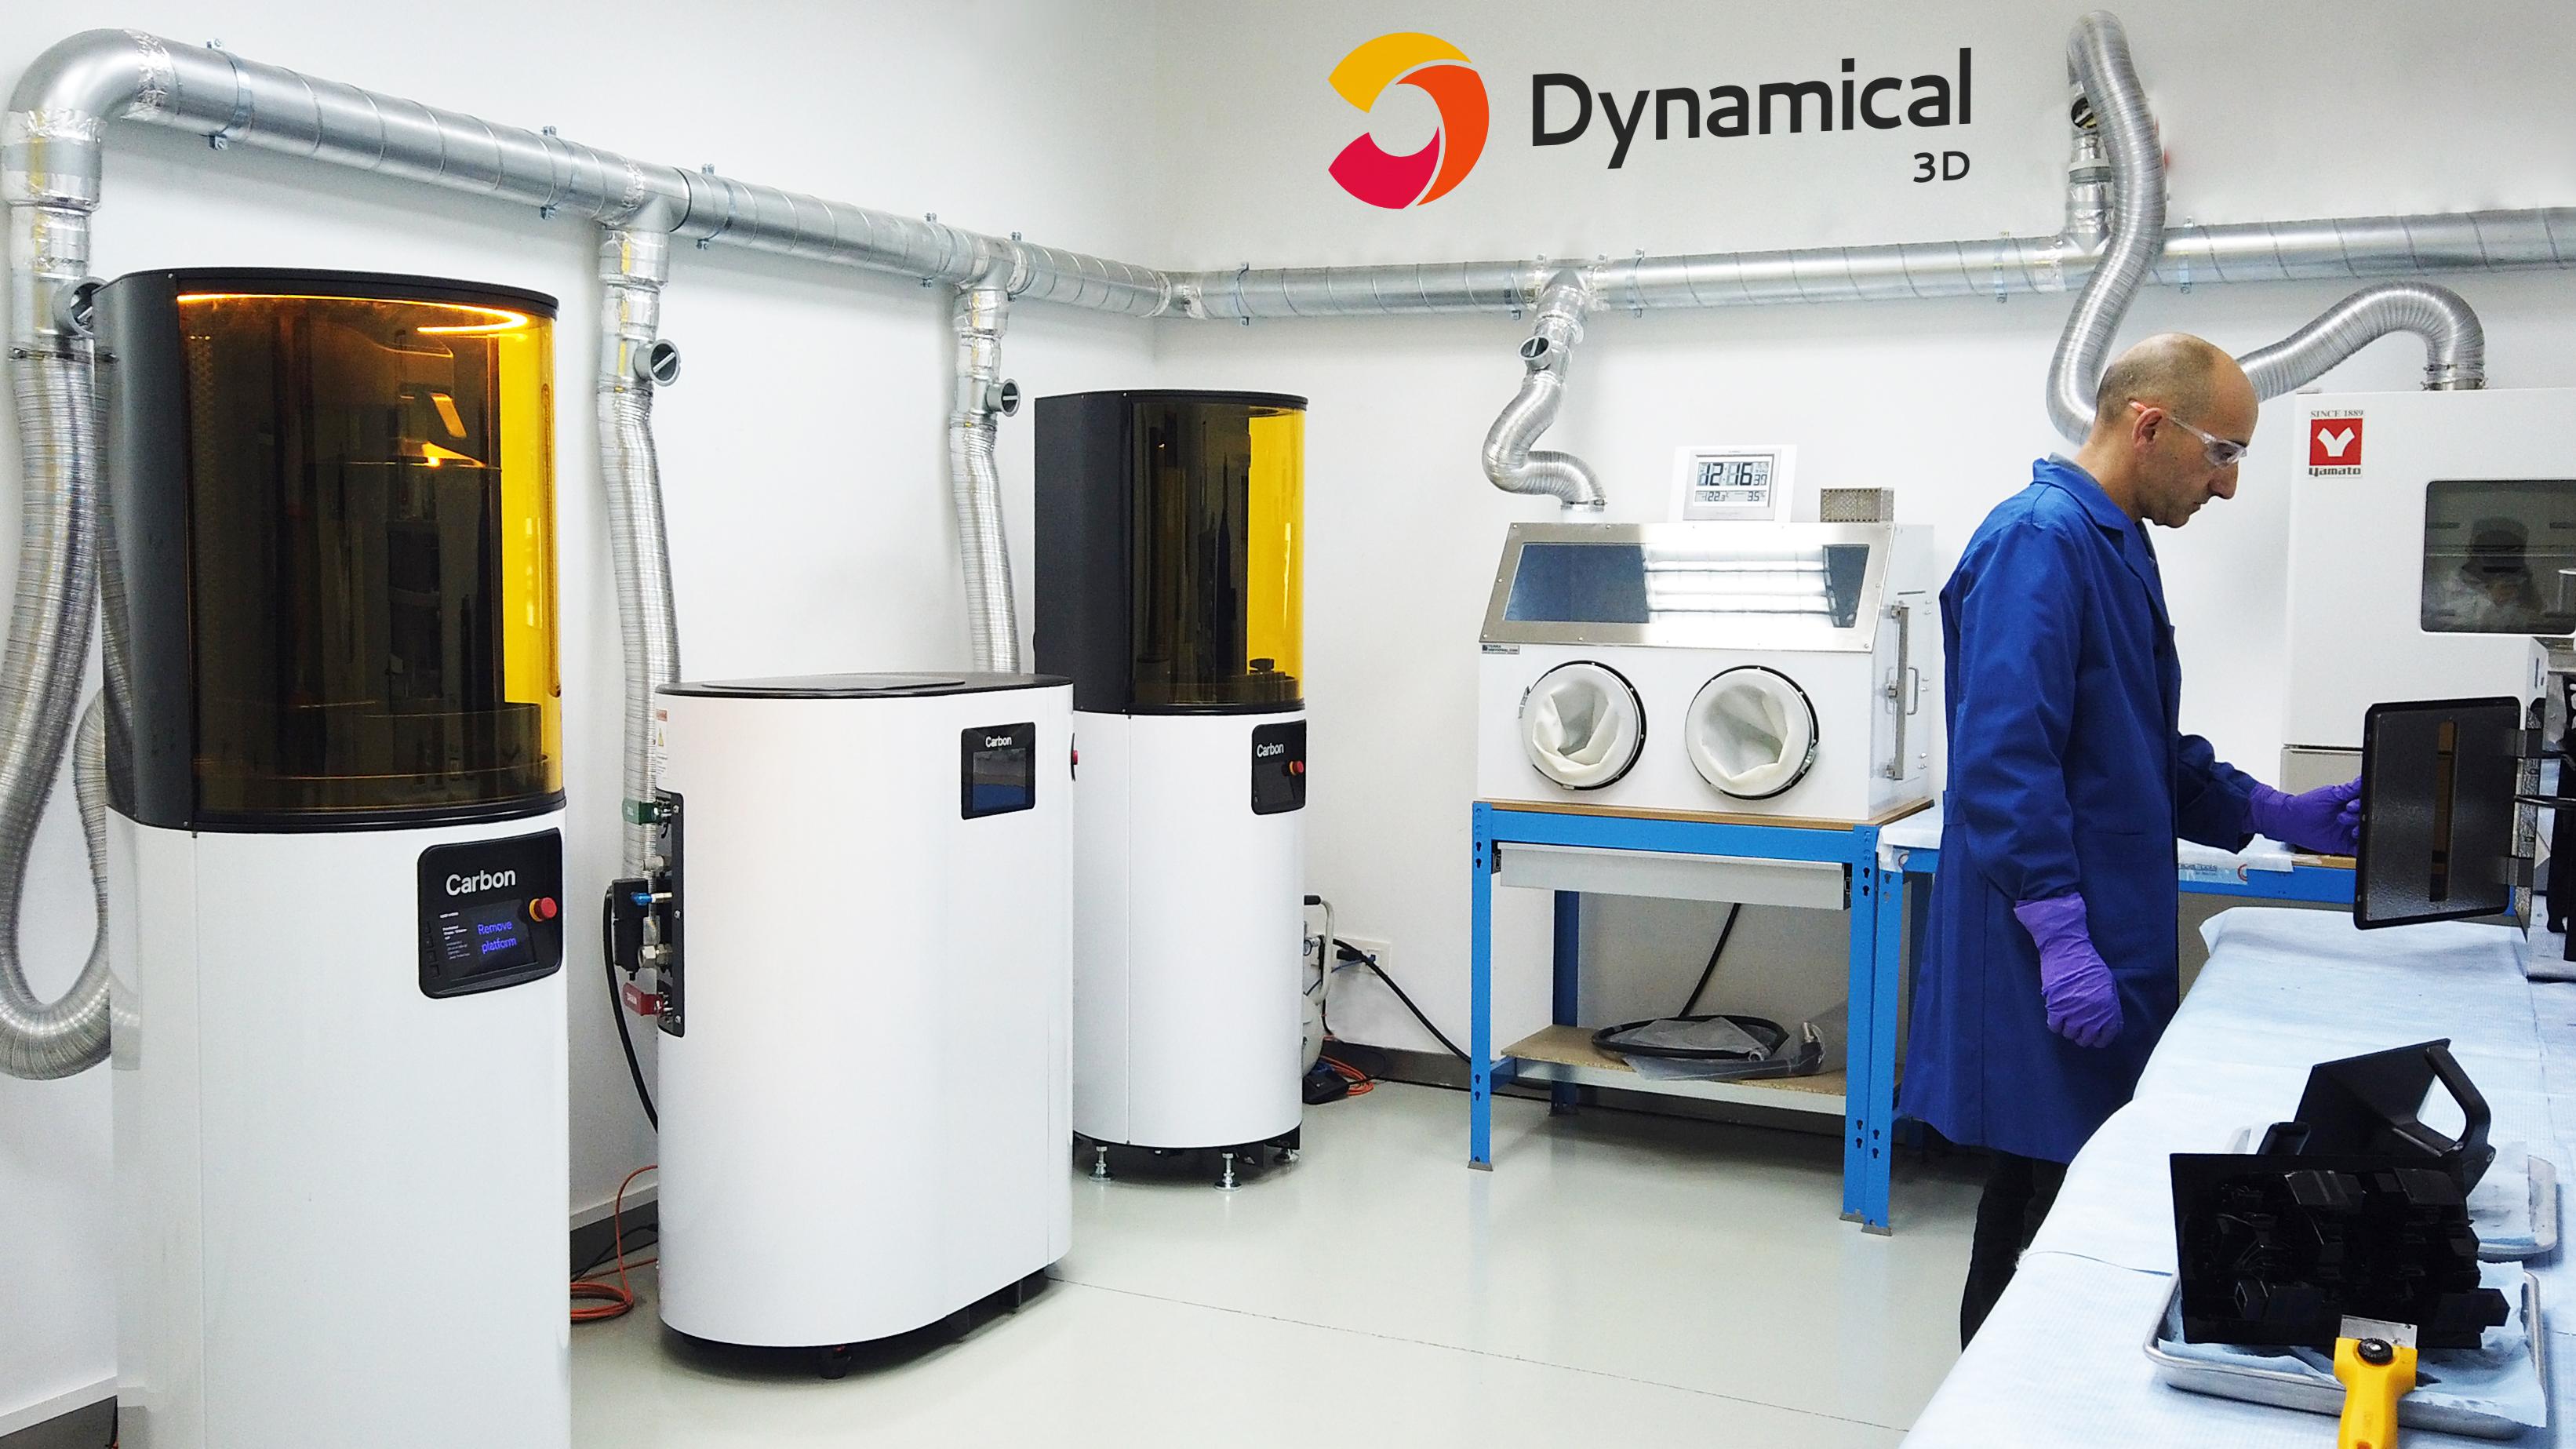 Premios QIA 2019. Finalista categoría Pyme. Dynamical 3D, Democratización de la Impresión 3D